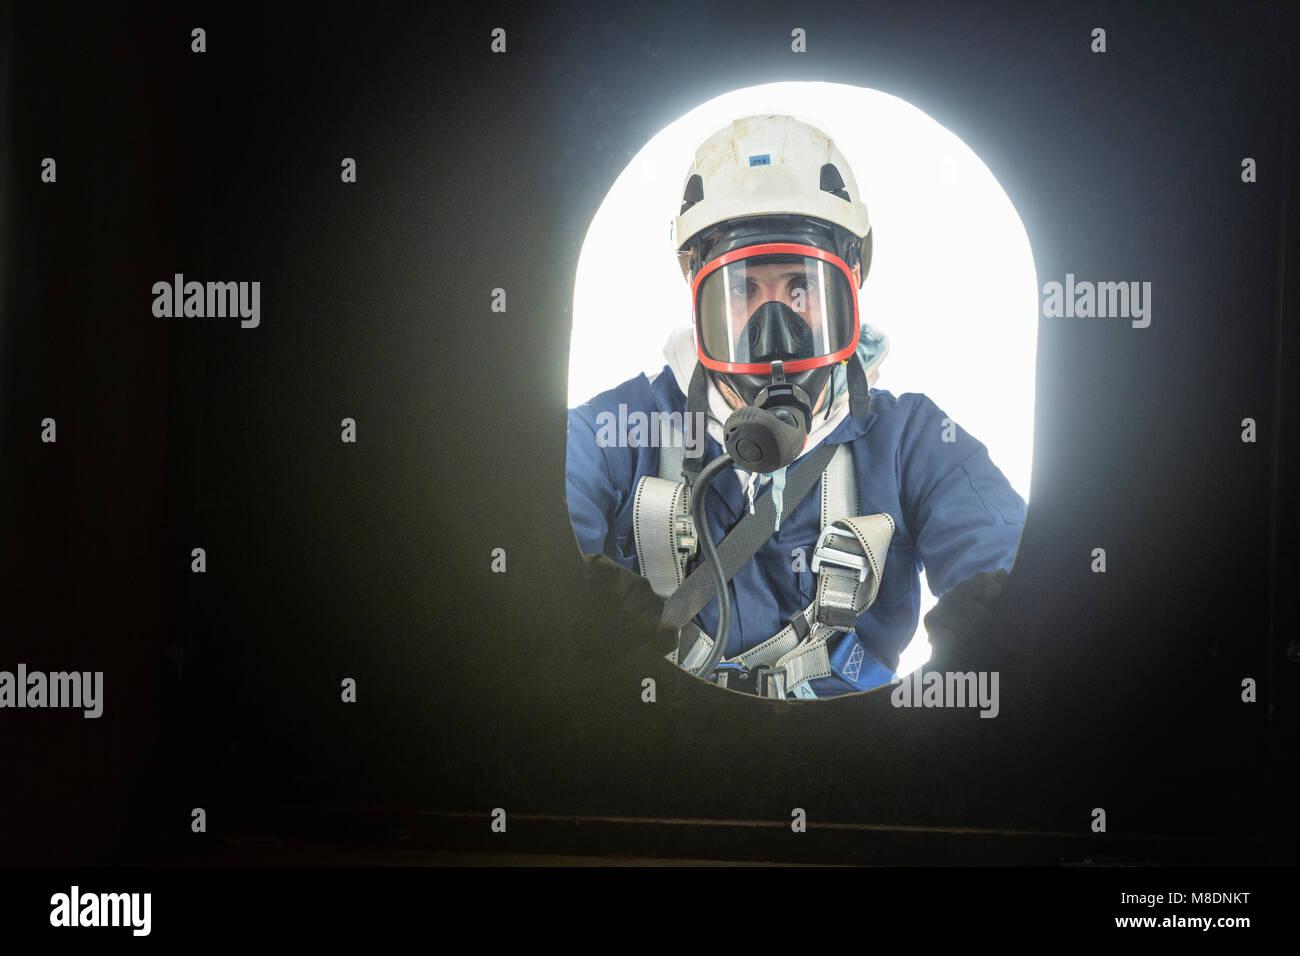 Apprendista ingegnere in uno spazio chiuso di formazione antincendio Immagini Stock